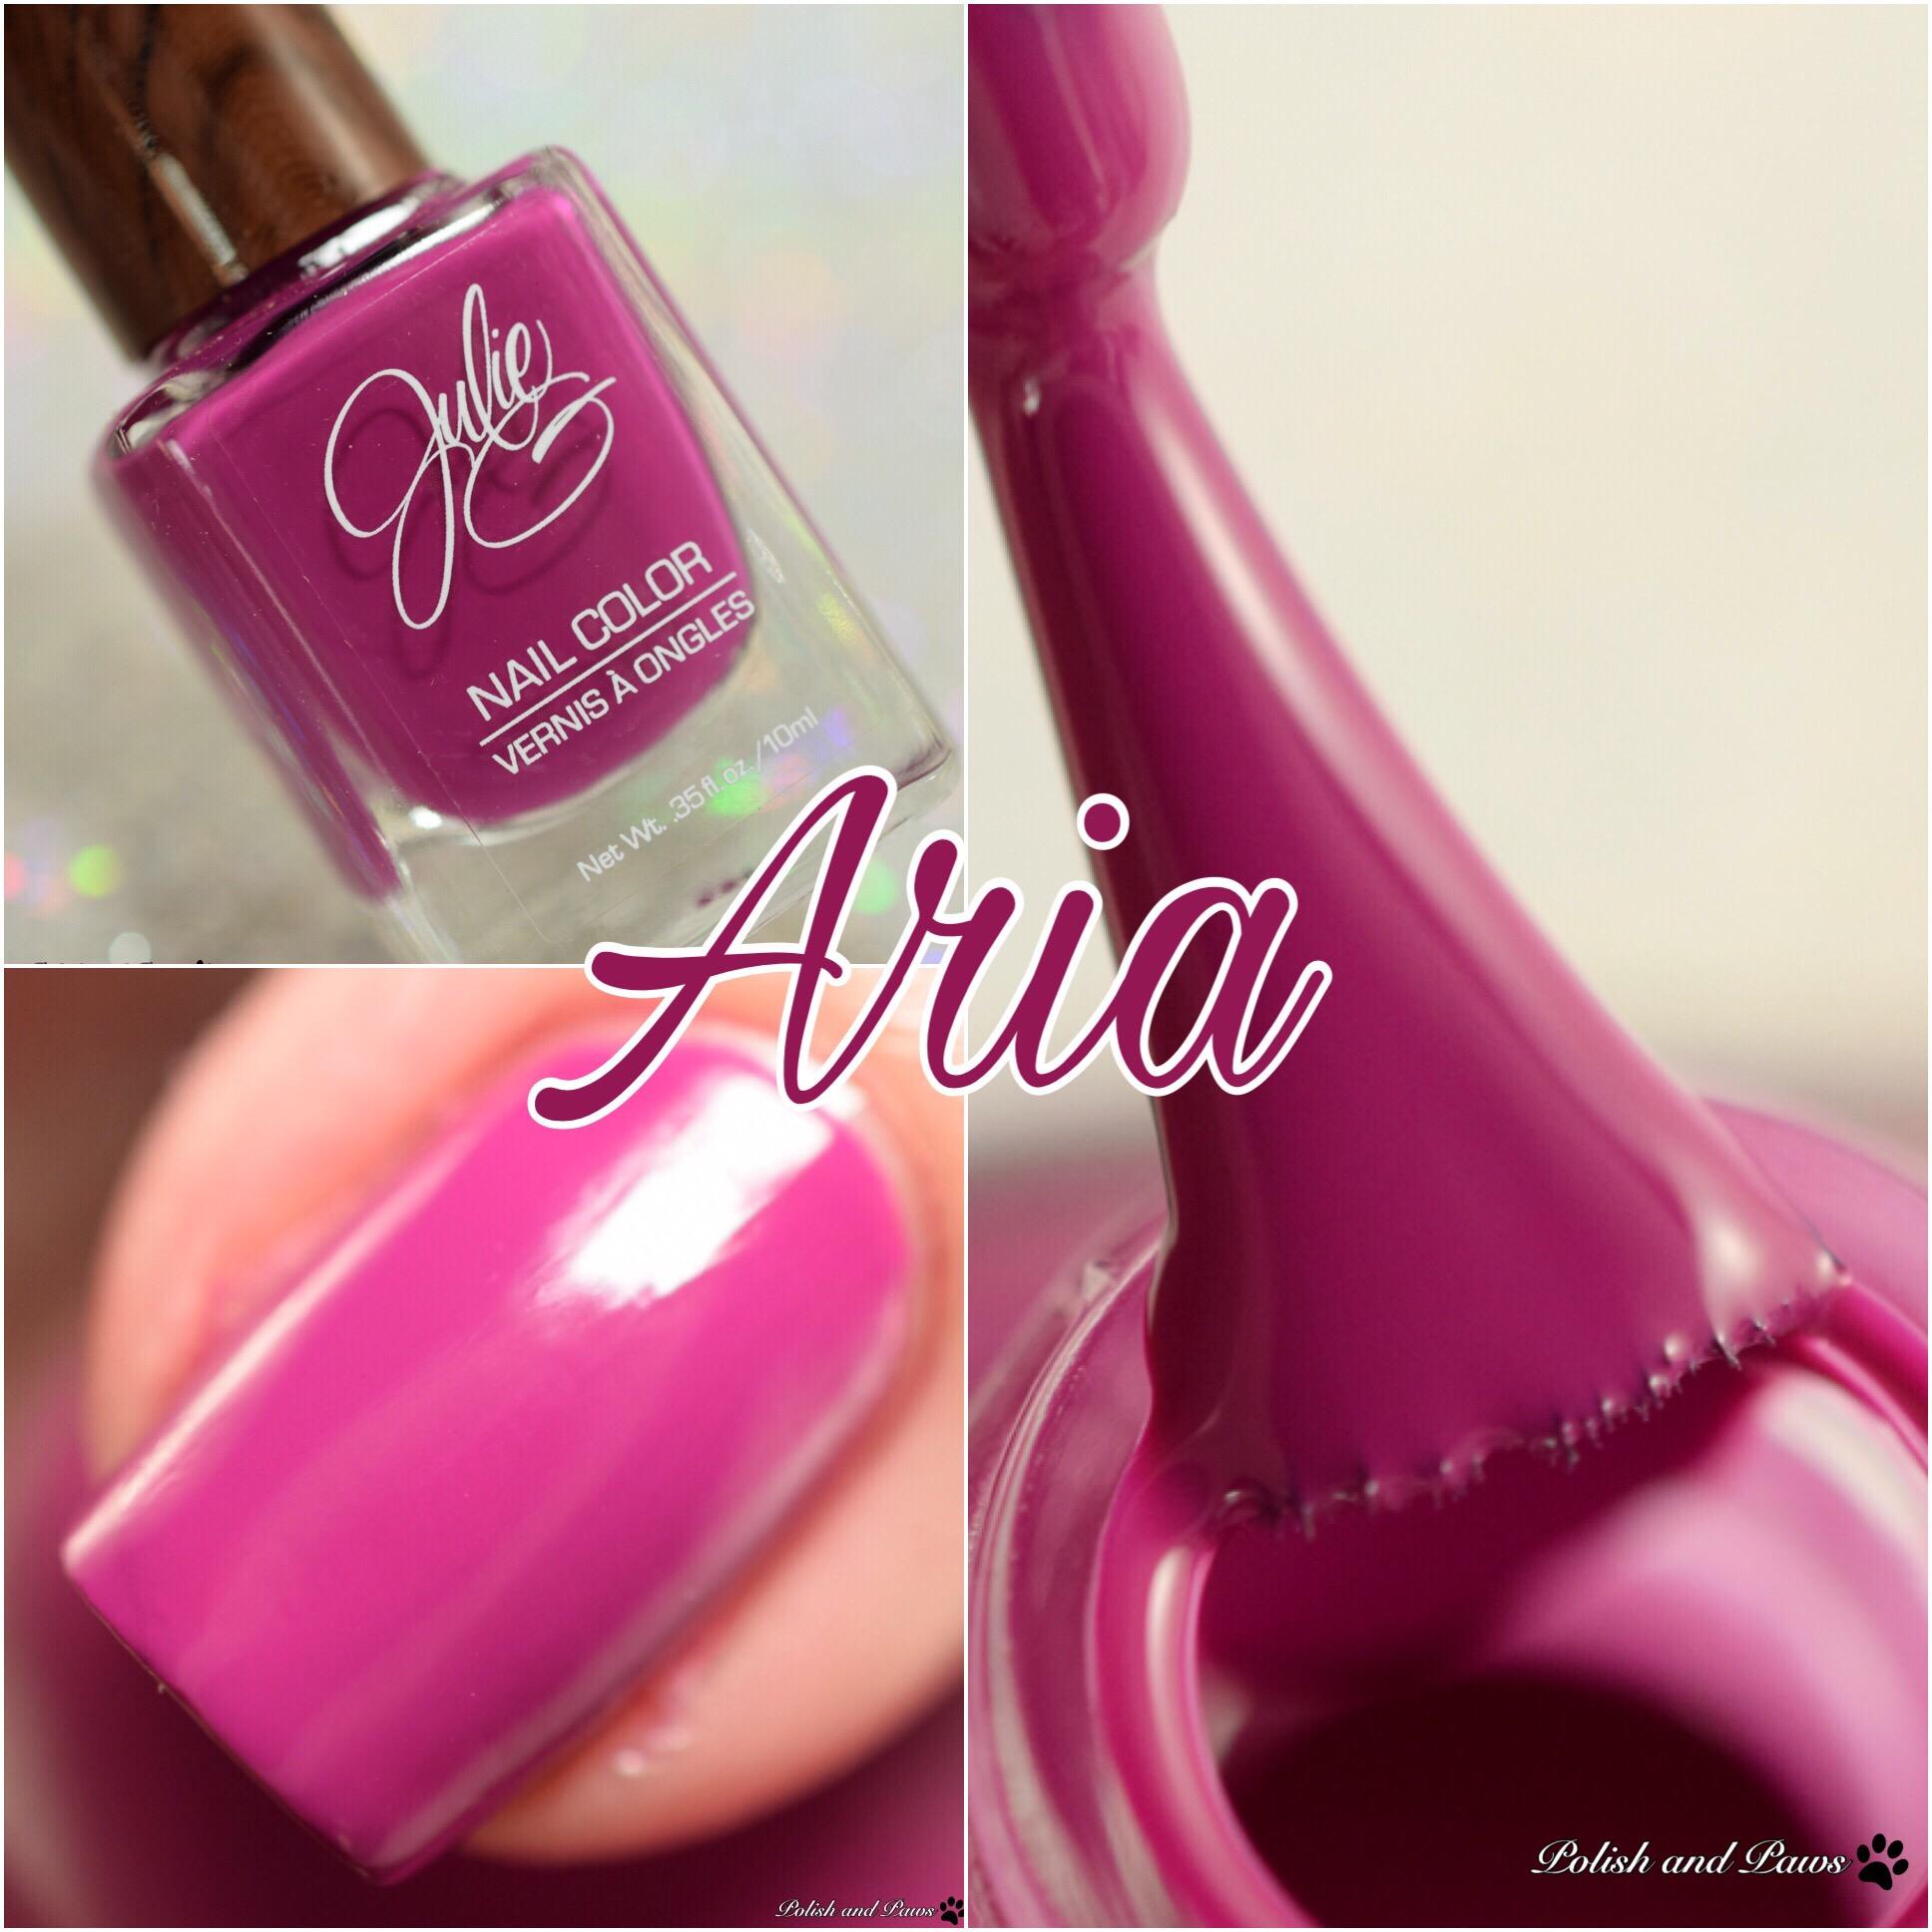 JulieG Aria